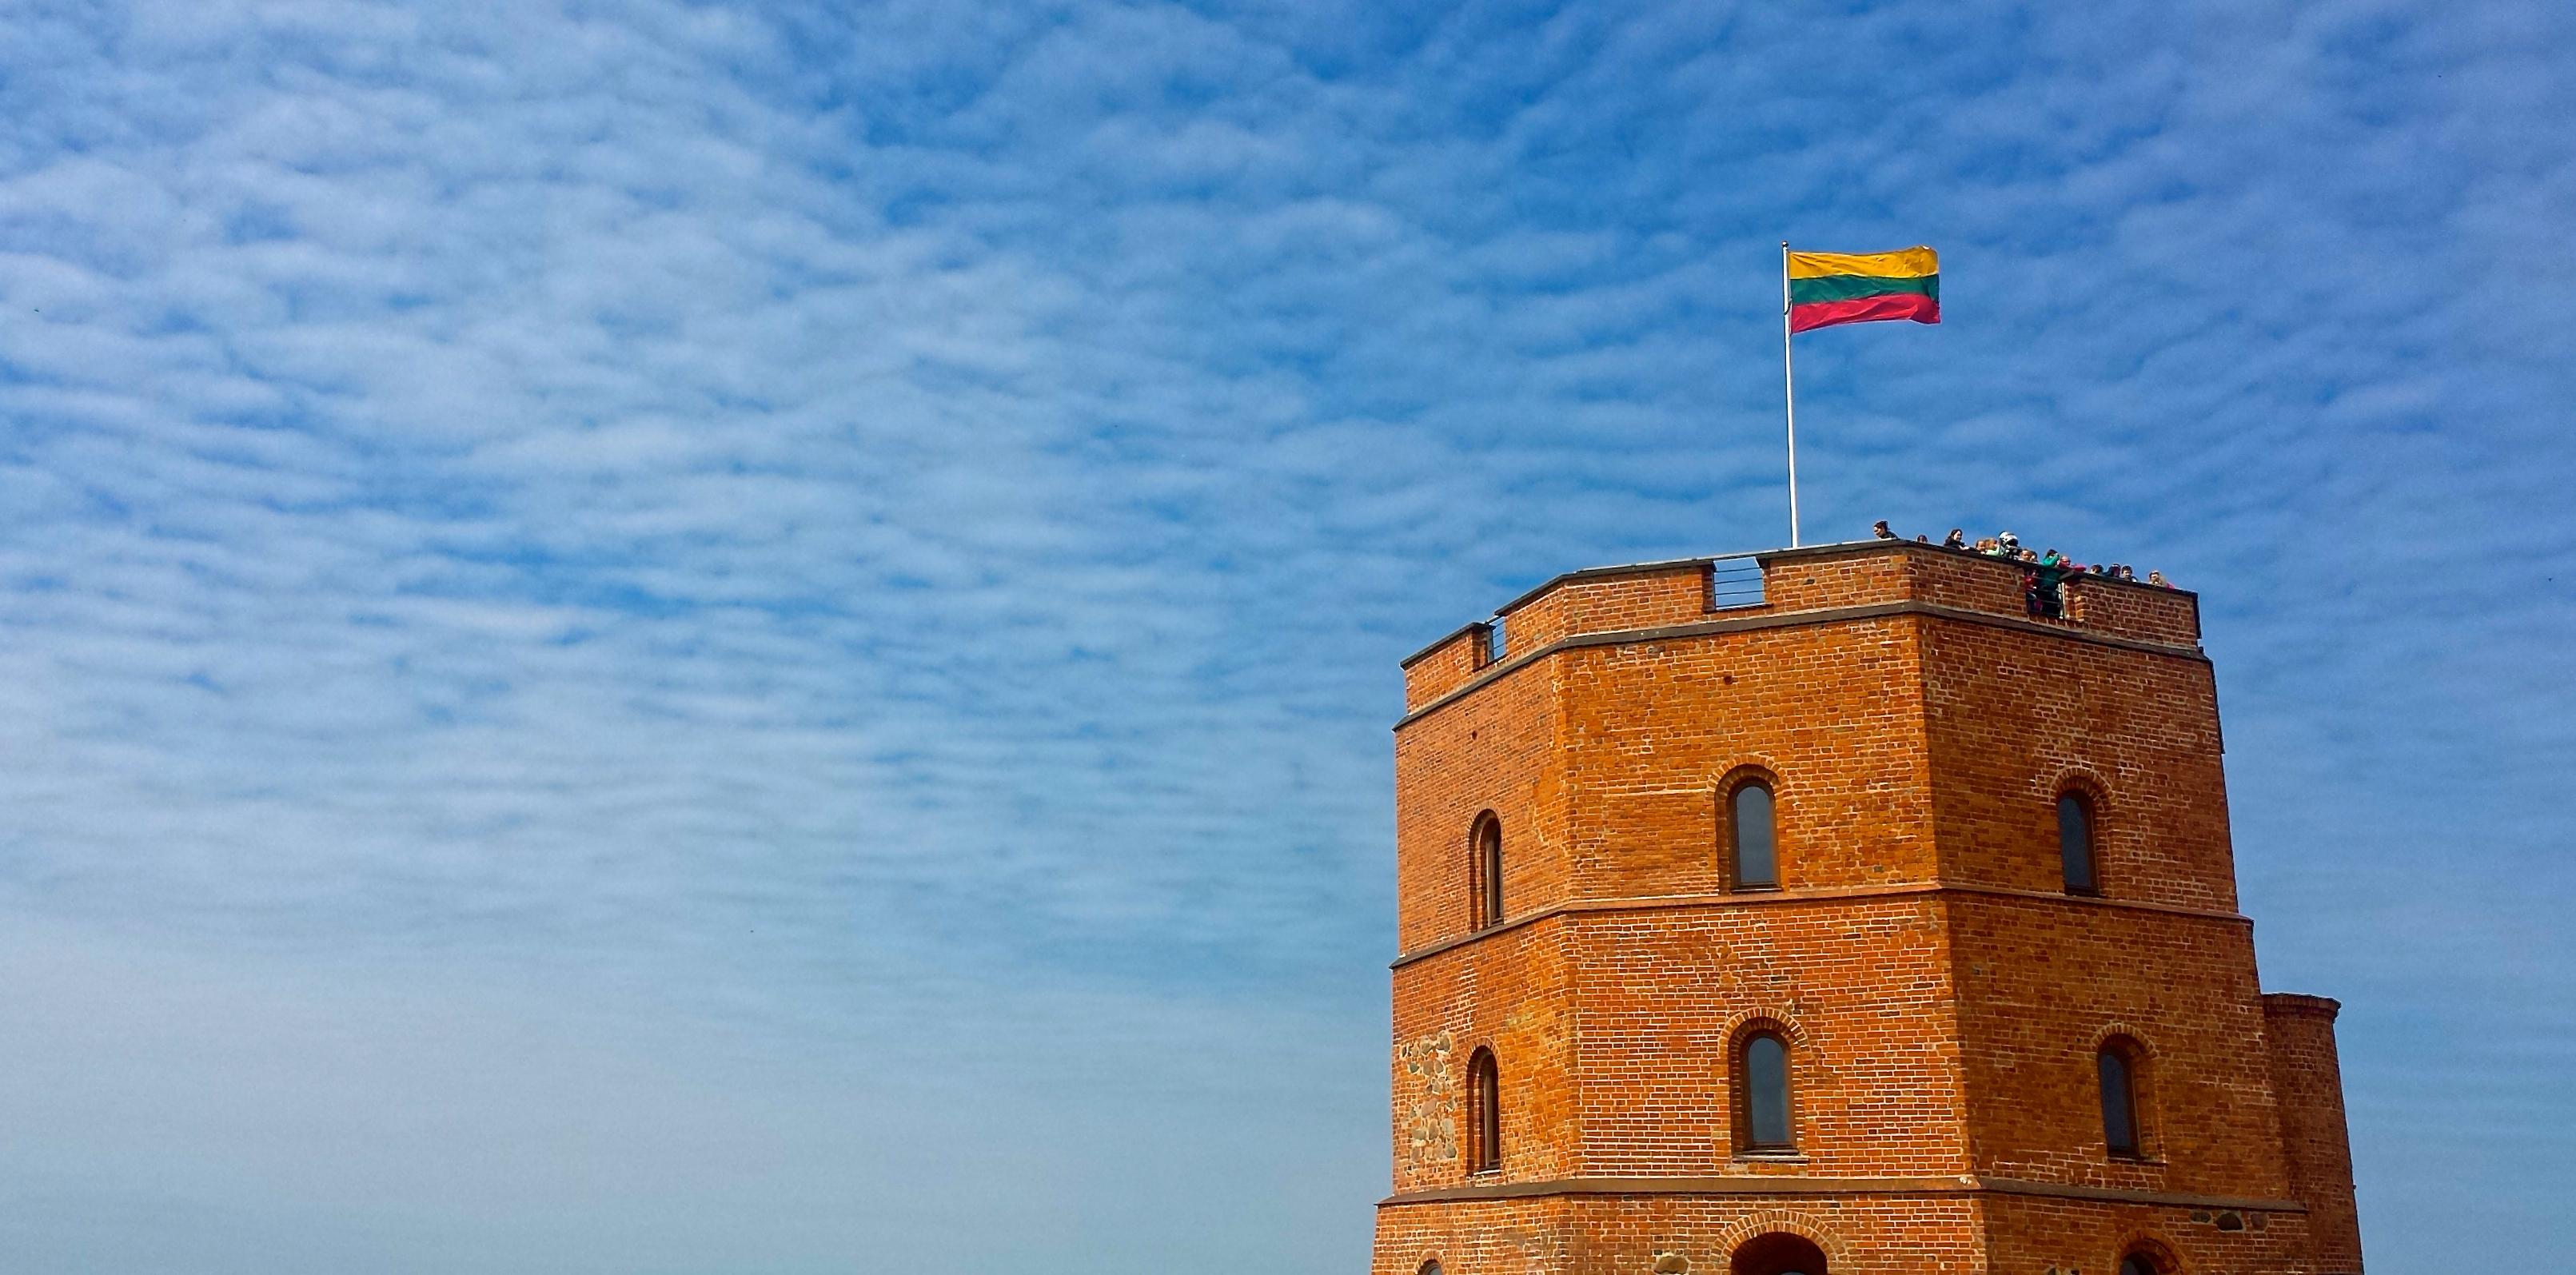 Dwadzieścia cztery godziny w Wilnie